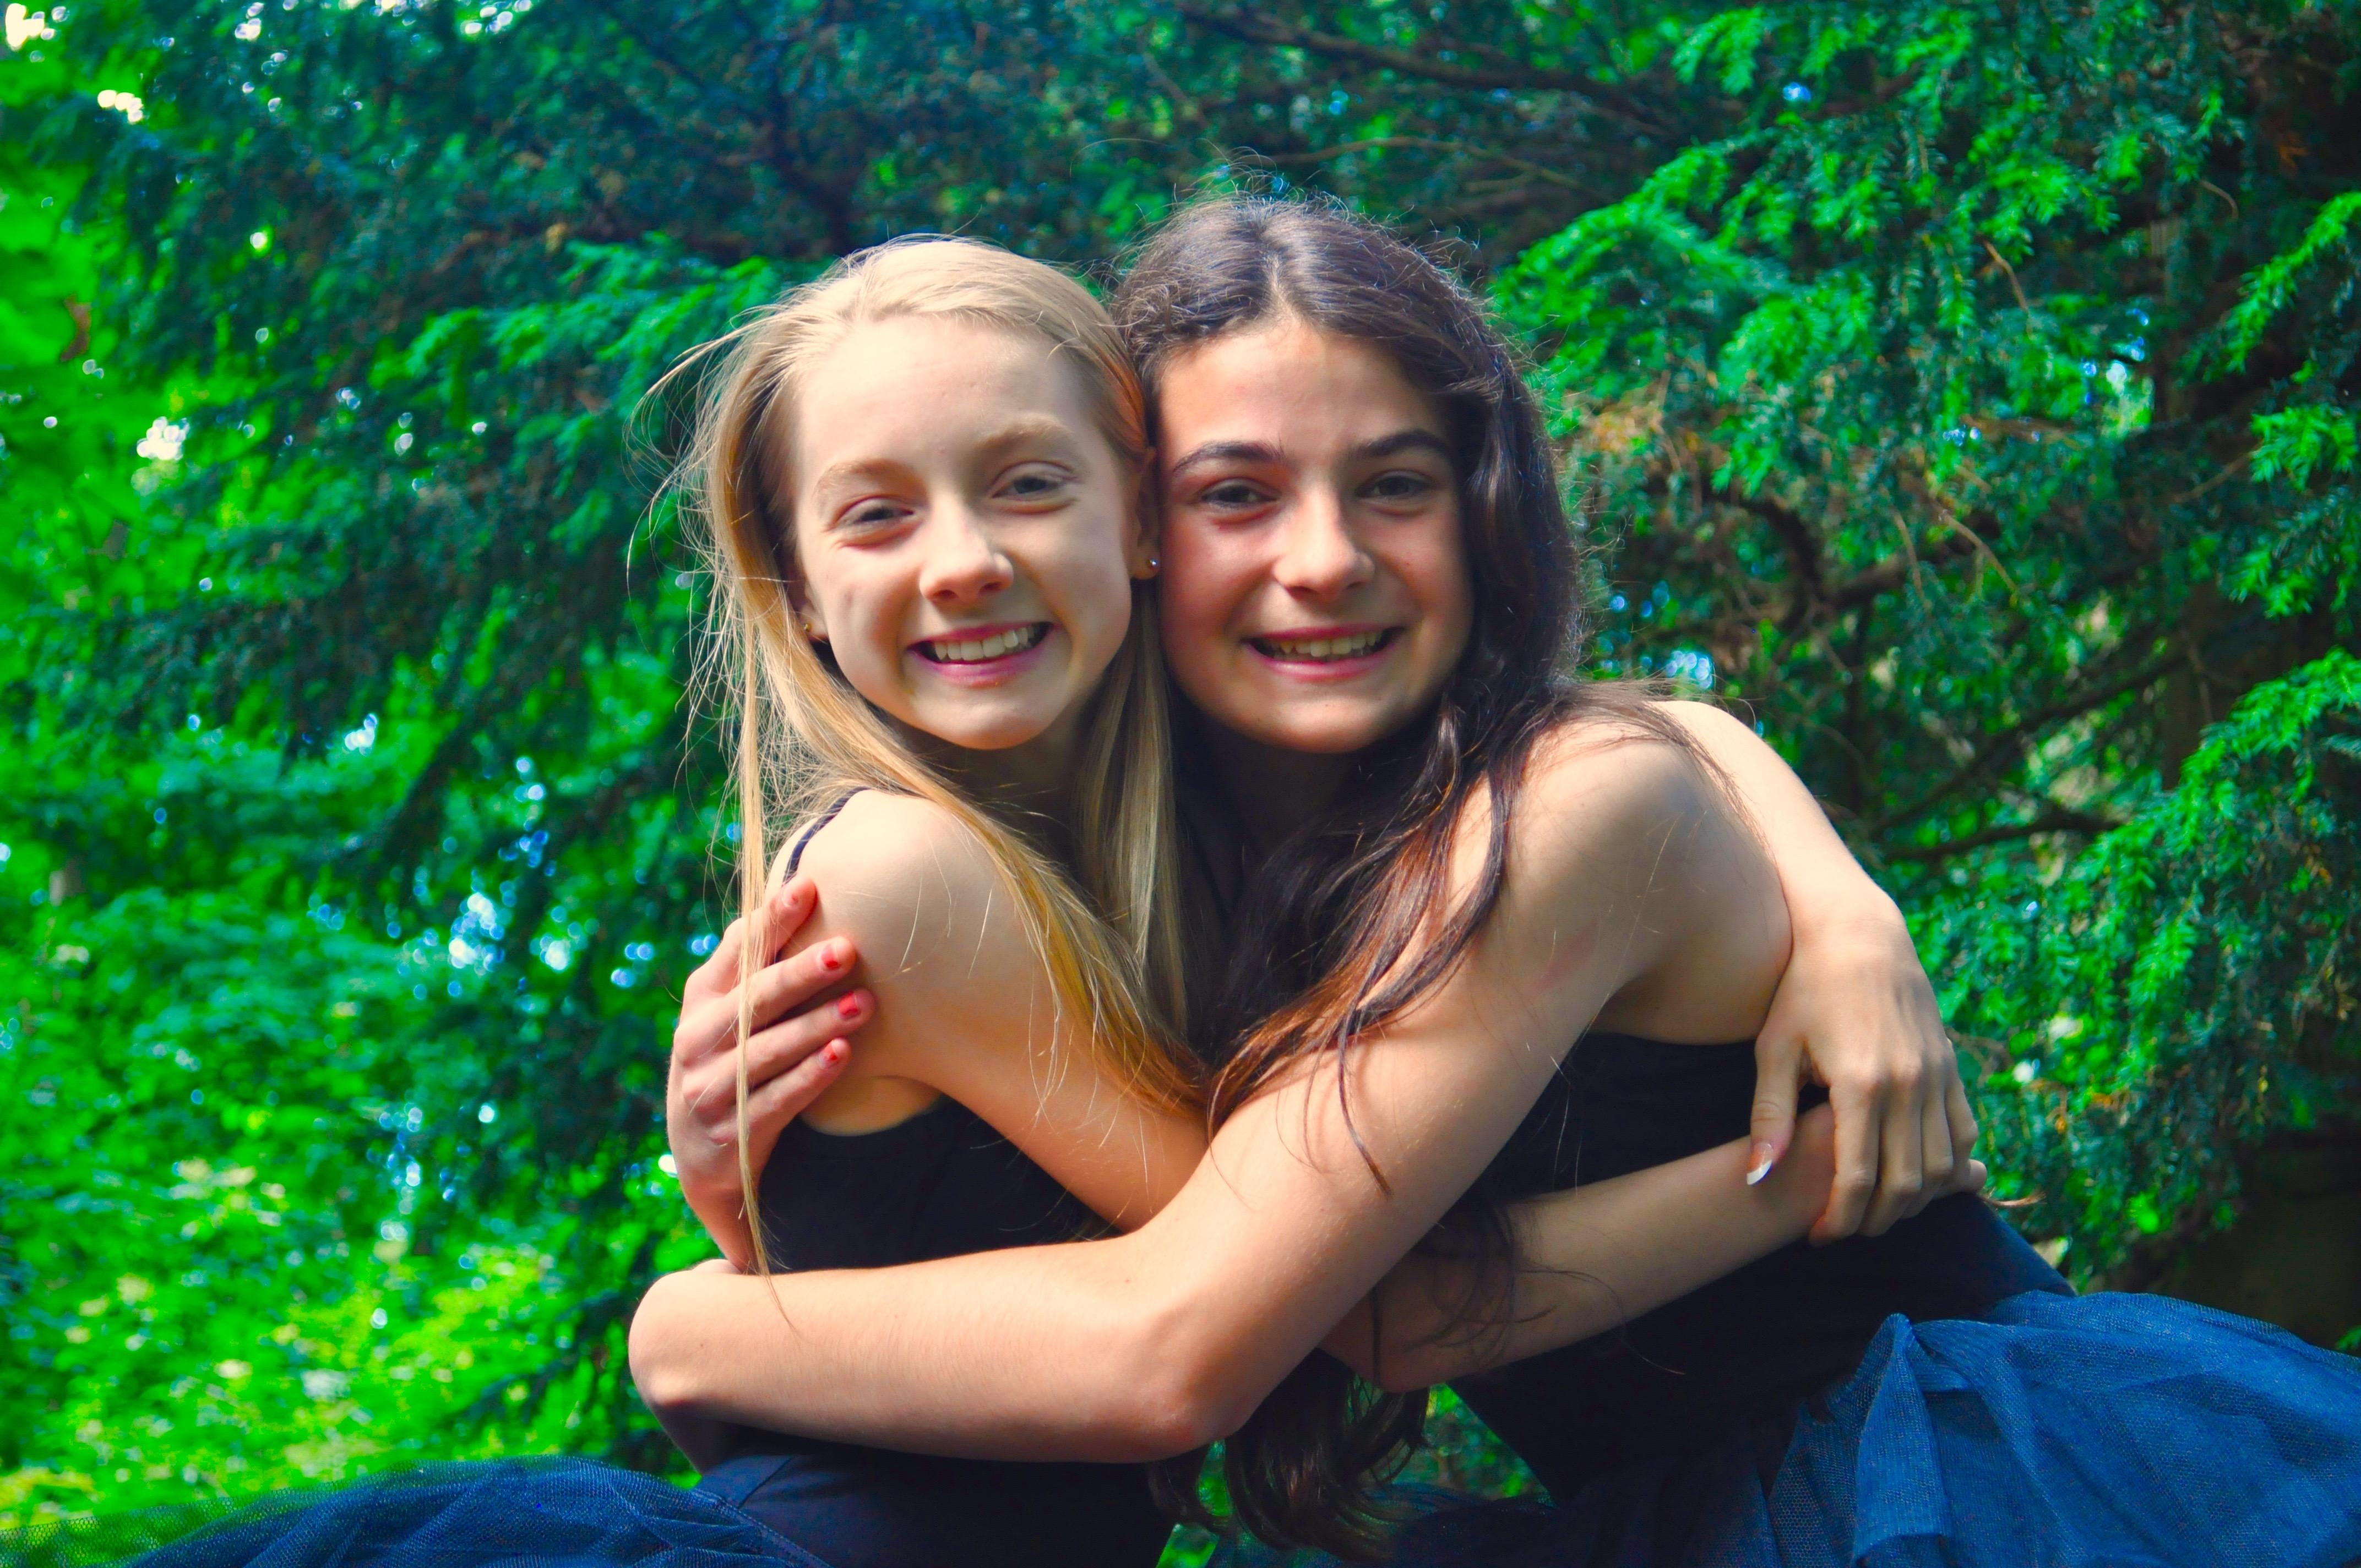 Sarah and Alisha